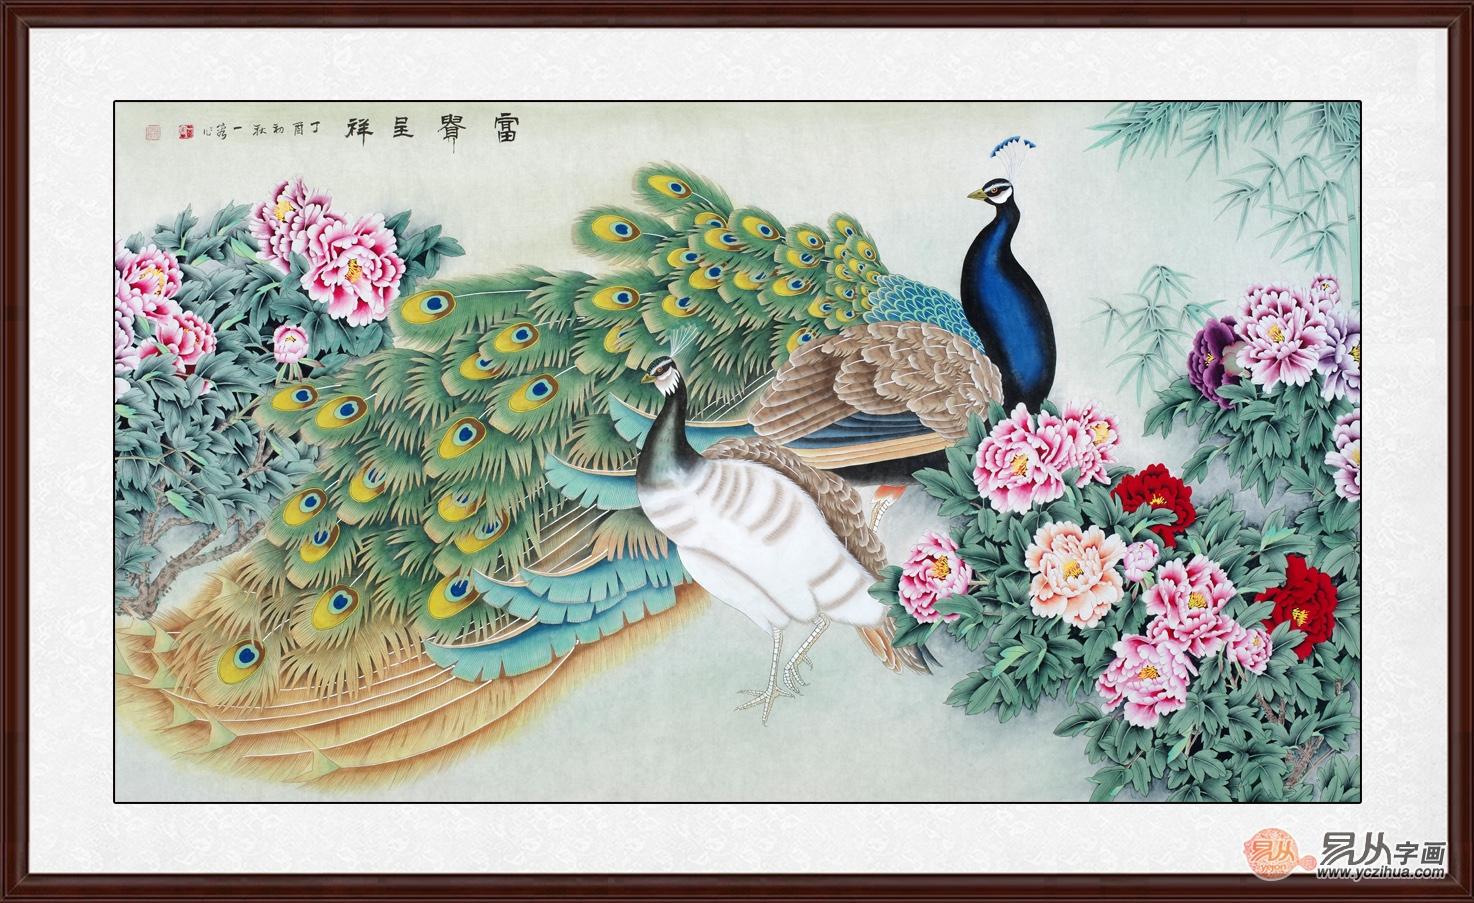 王一容六尺横幅孔雀牡丹图《富贵呈祥》作品出自:易从网  孔雀被称